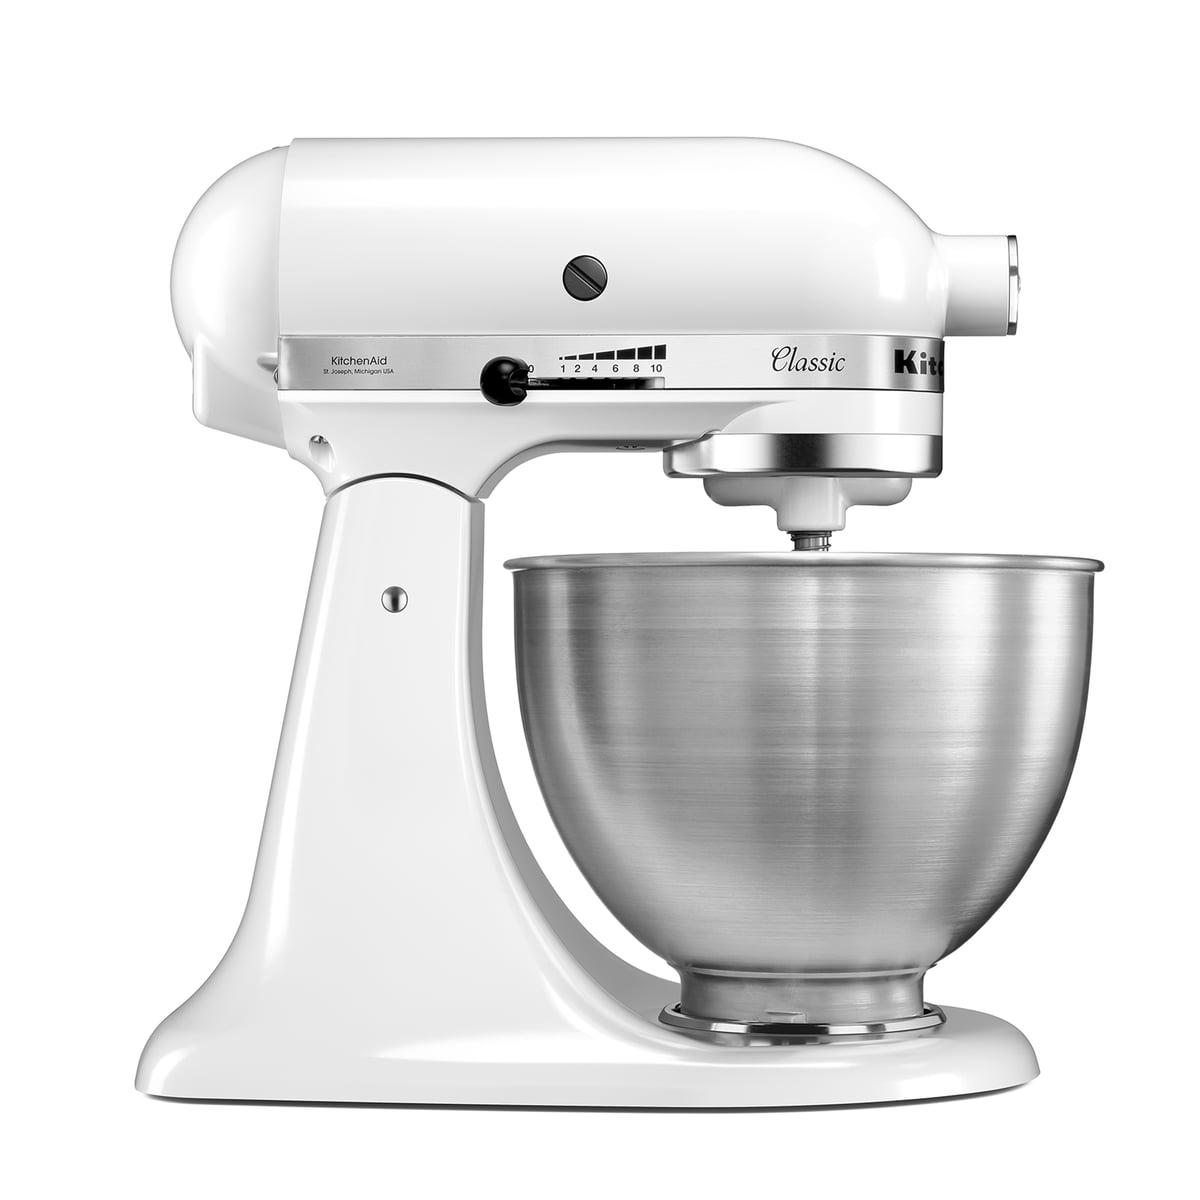 Kitchen Aid KitchenAid - Classic Küchenmaschine 4.3 l, weiß | Küche und Esszimmer > Küchengeräte | Weiß | Ganzmetallgehäuse | Kitchen Aid